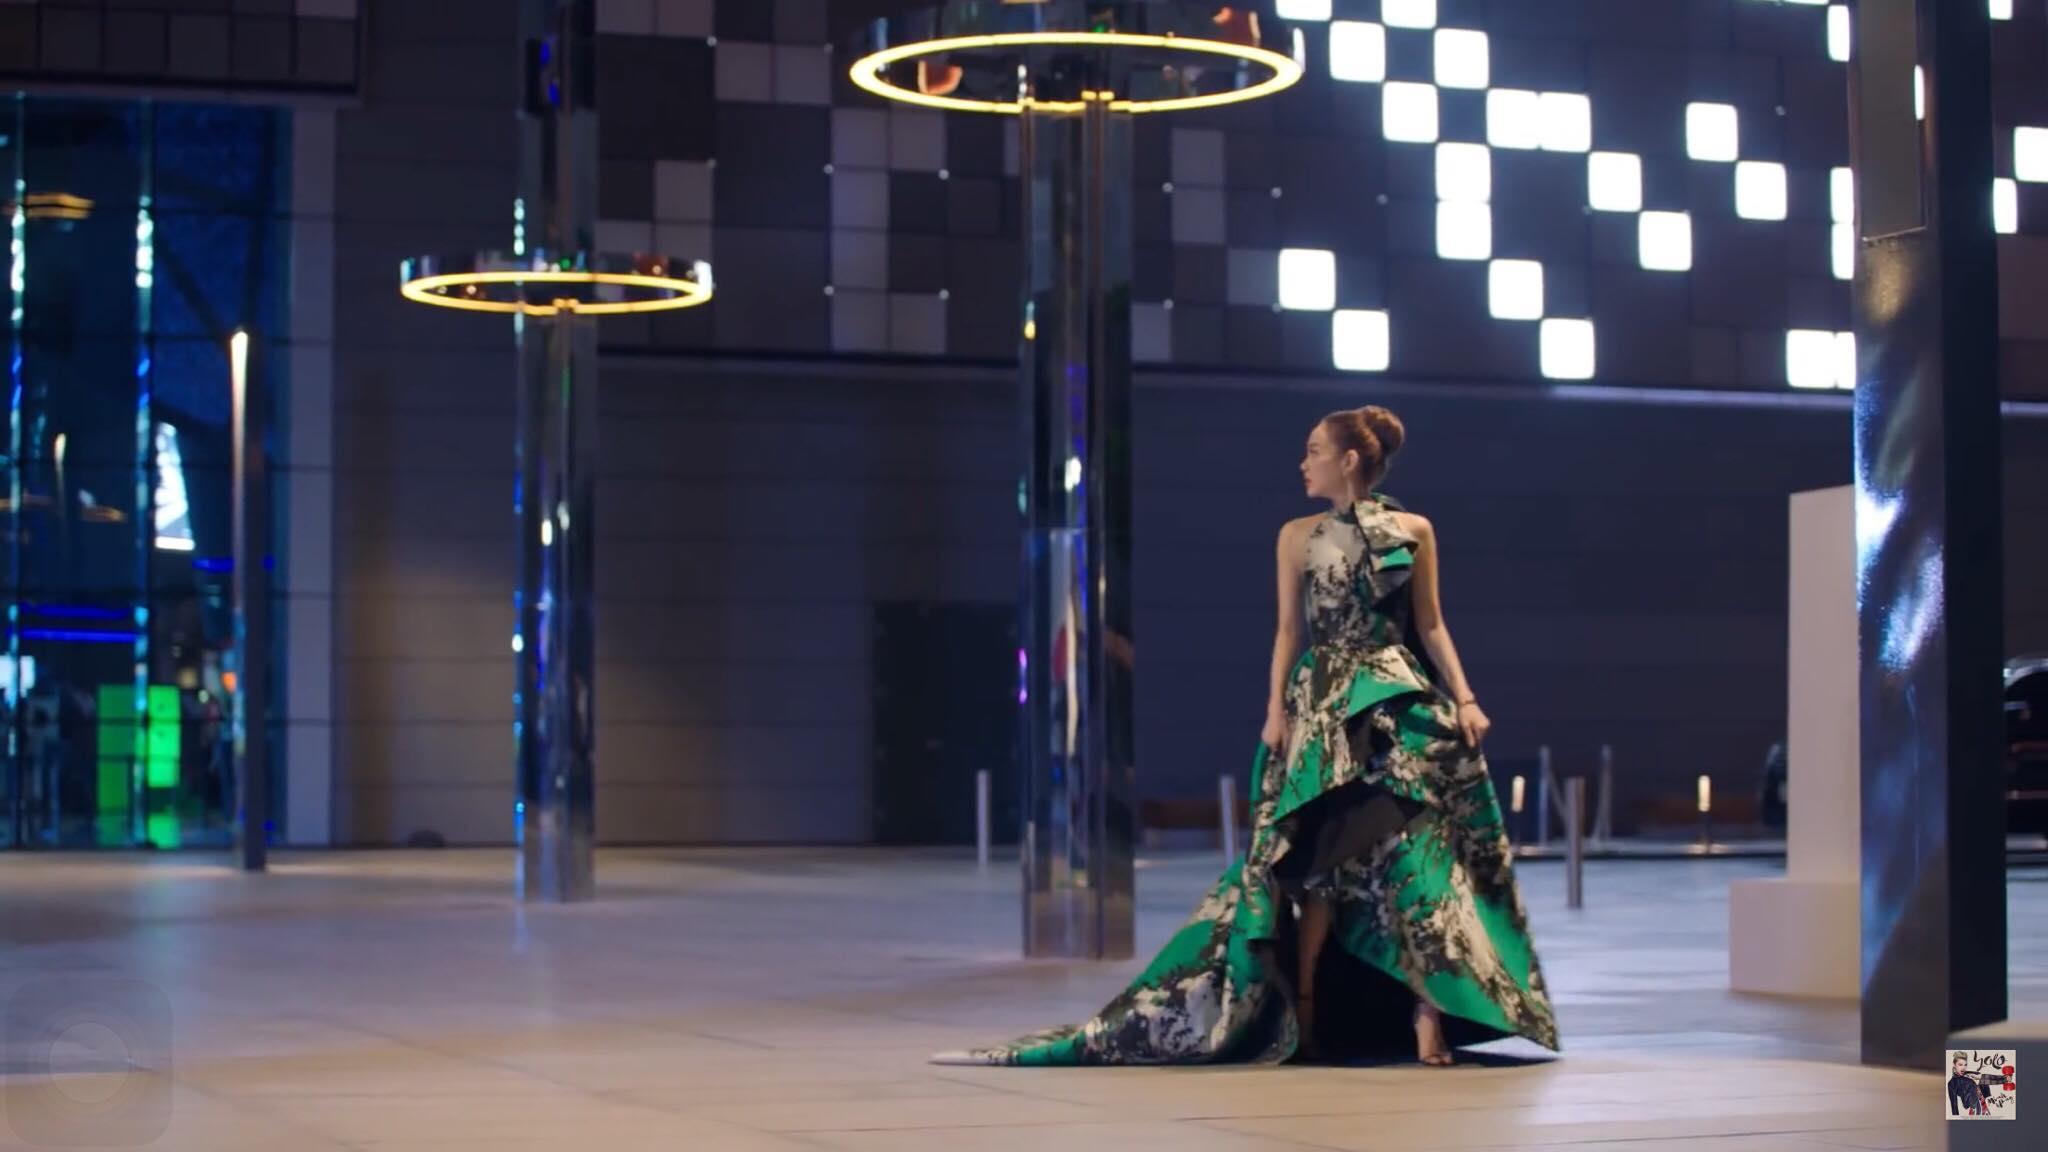 Không thích nhắc về nhau, bất ngờ Minh Hằng vẫn đụng váy áo Hồ Ngọc Hà trong MV mới-1